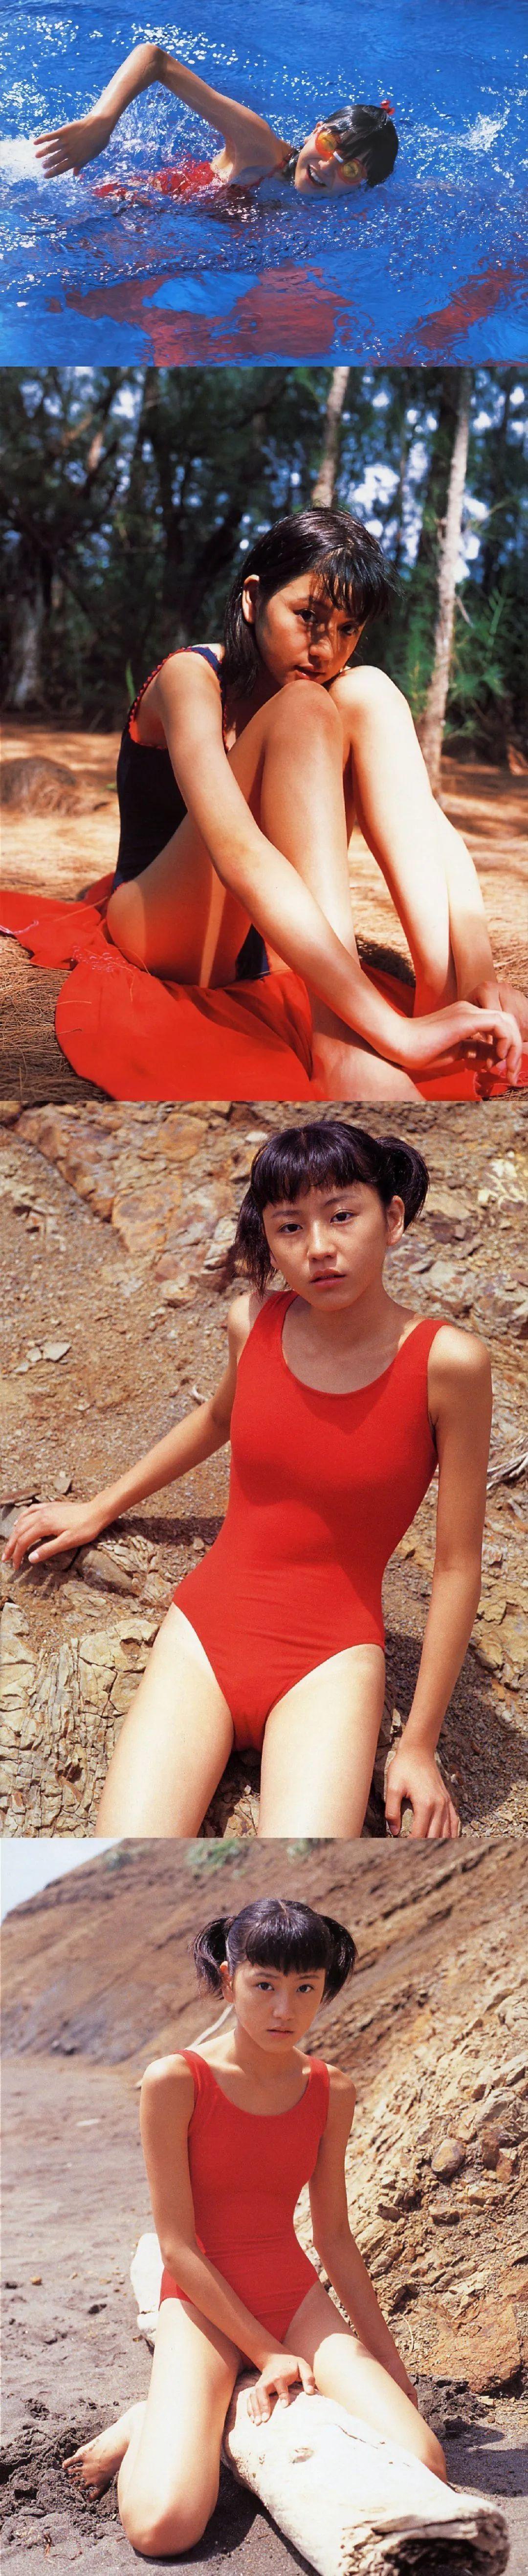 长泽雅美 14岁写真集_图片 No.5